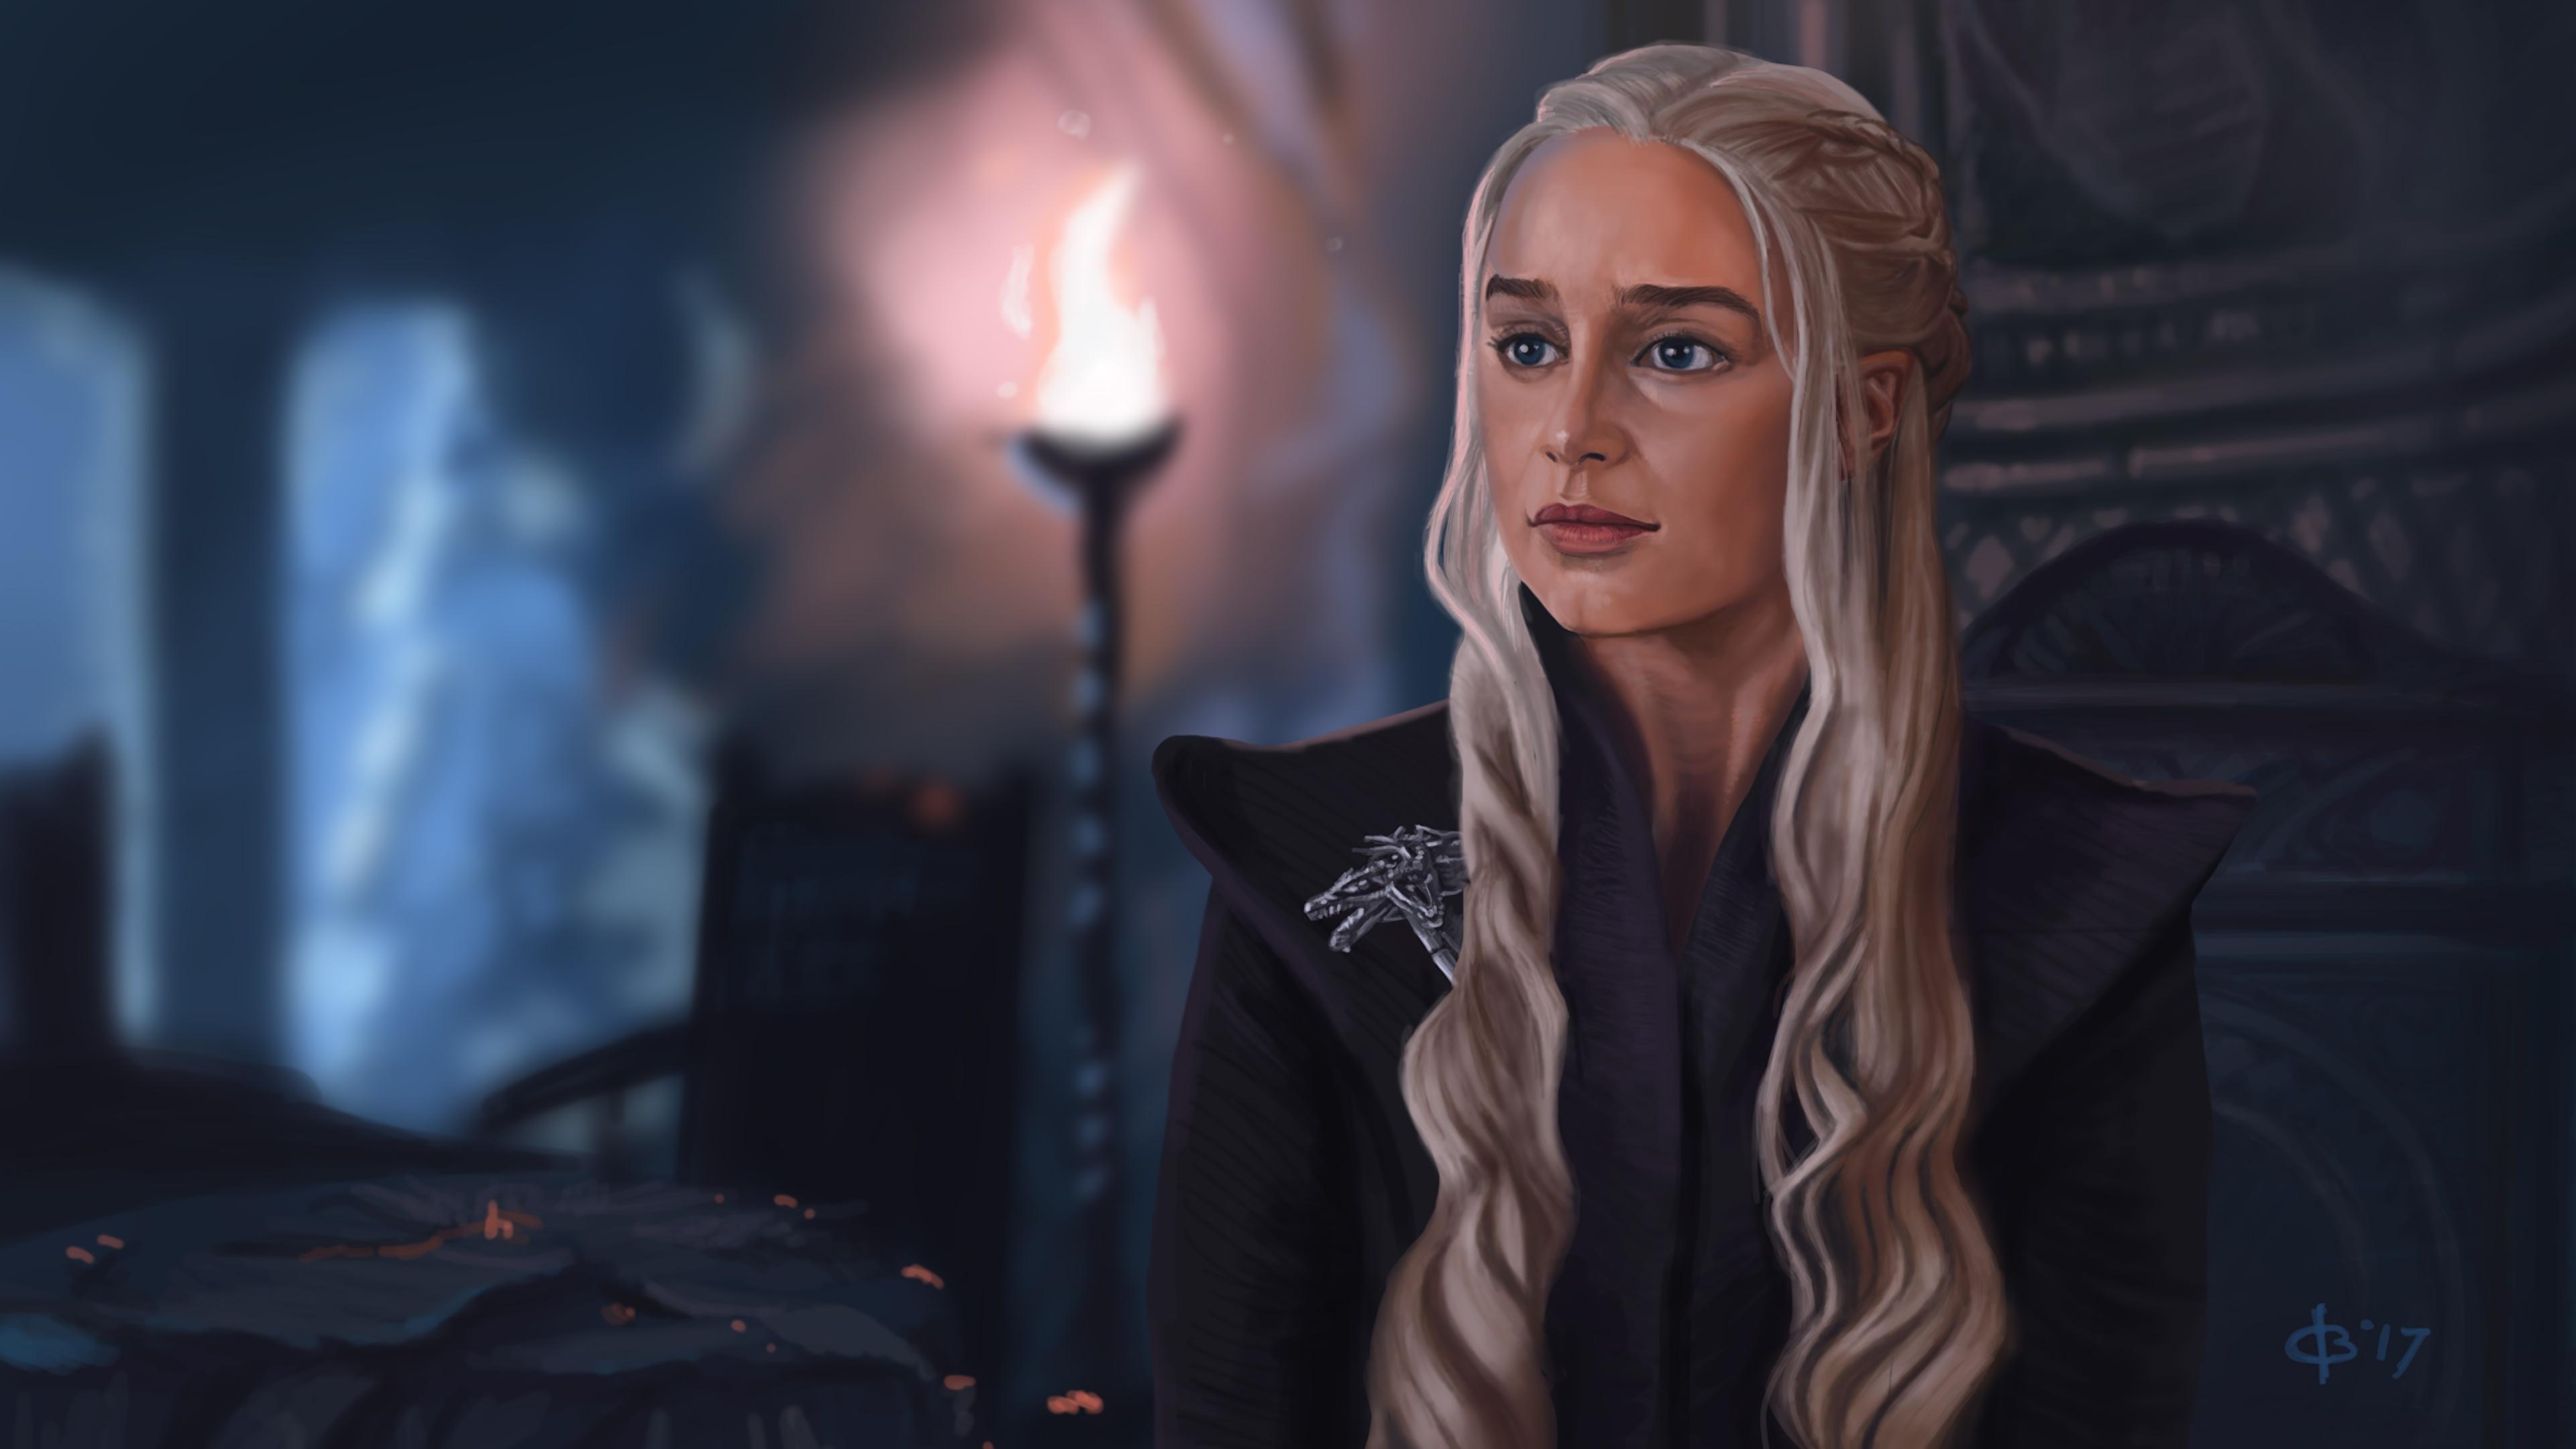 Desktop Wallpapers Game Of Thrones Daenerys Targaryen 3840x2160